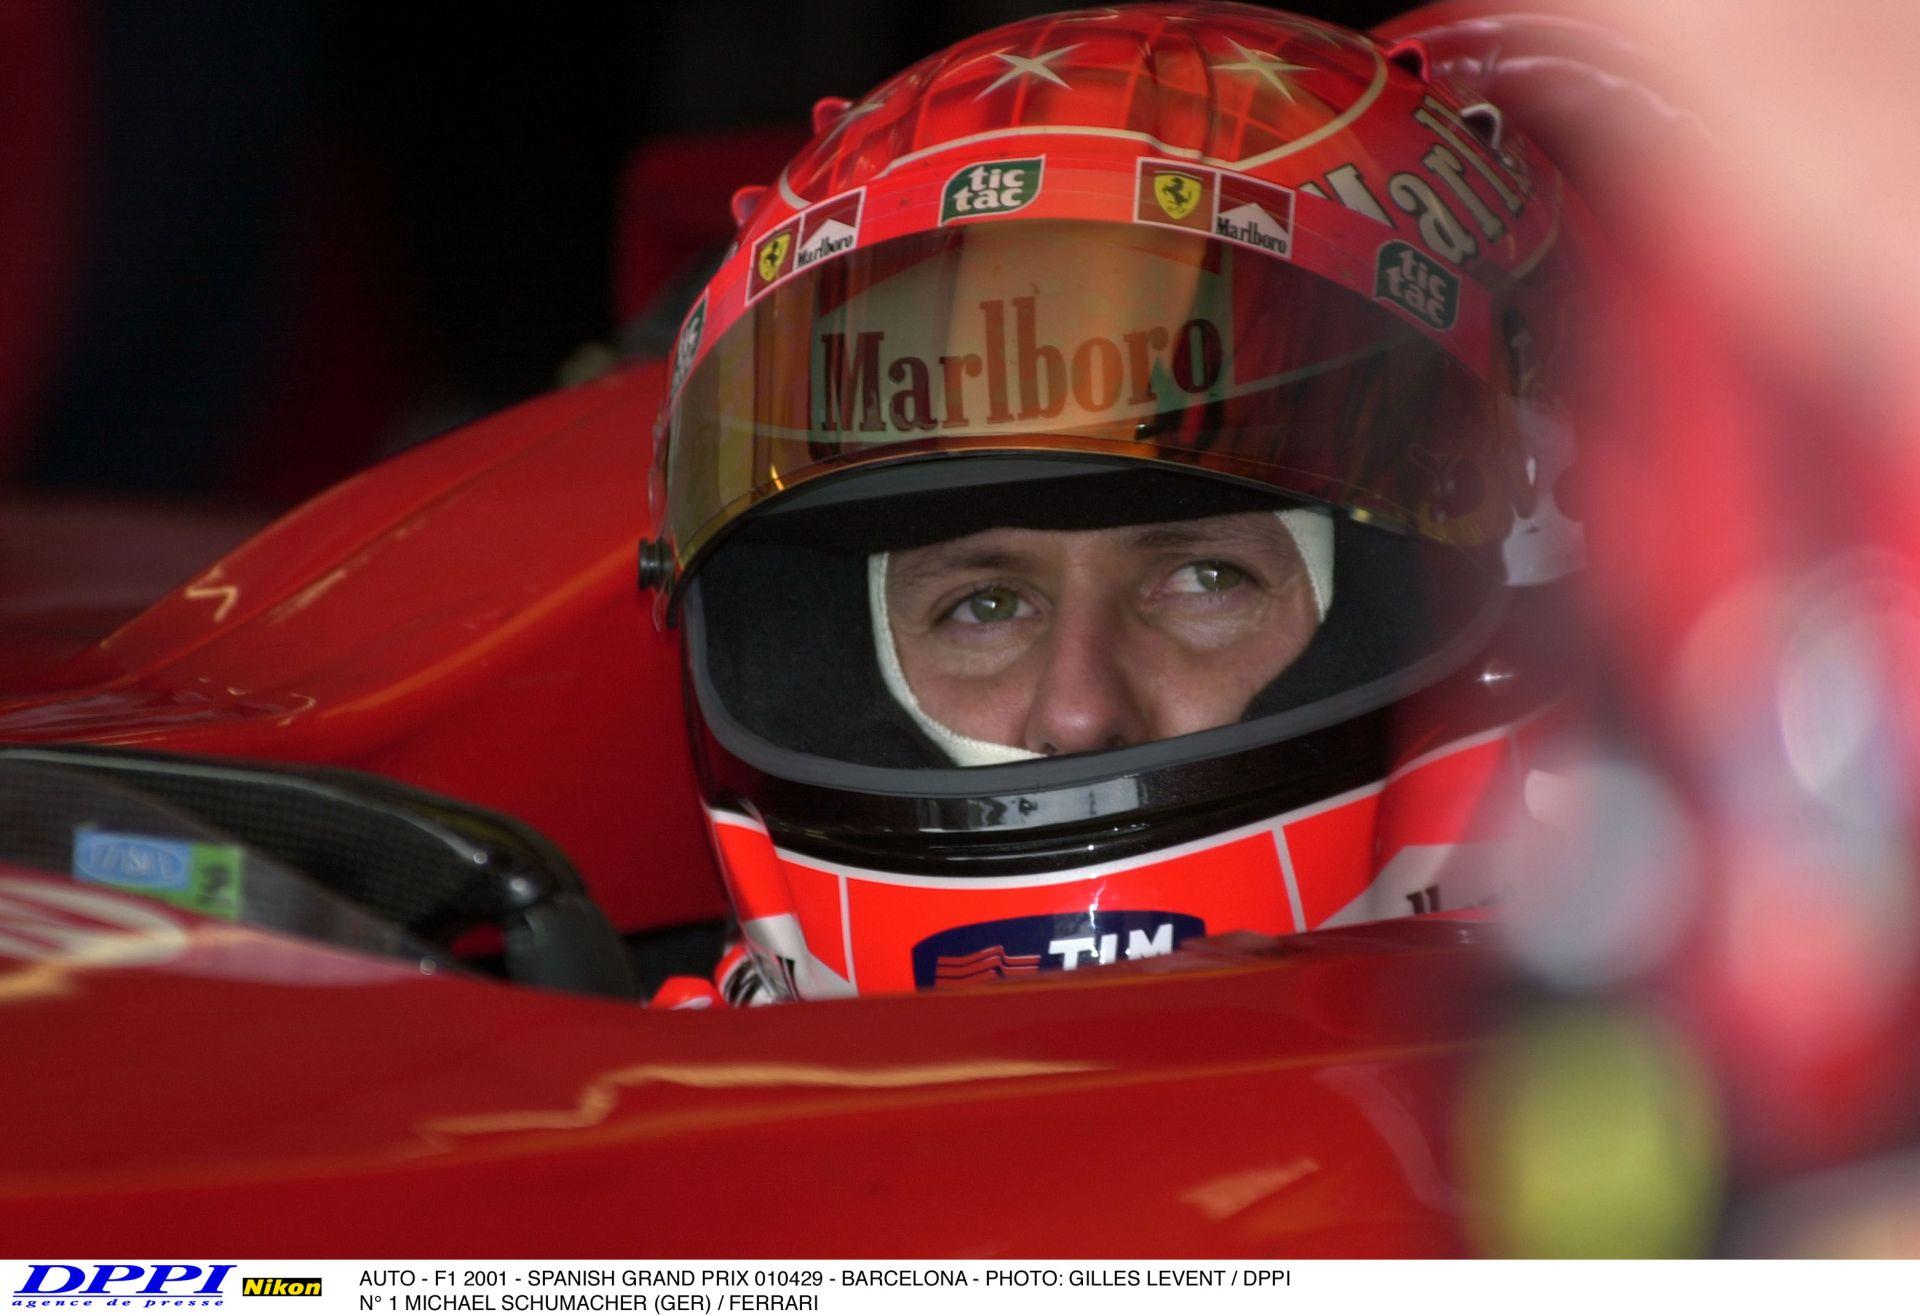 Nehéz rá szavakat találni: Schumacher őszinte bocsánatkérése Hakkinen kiesése miatt